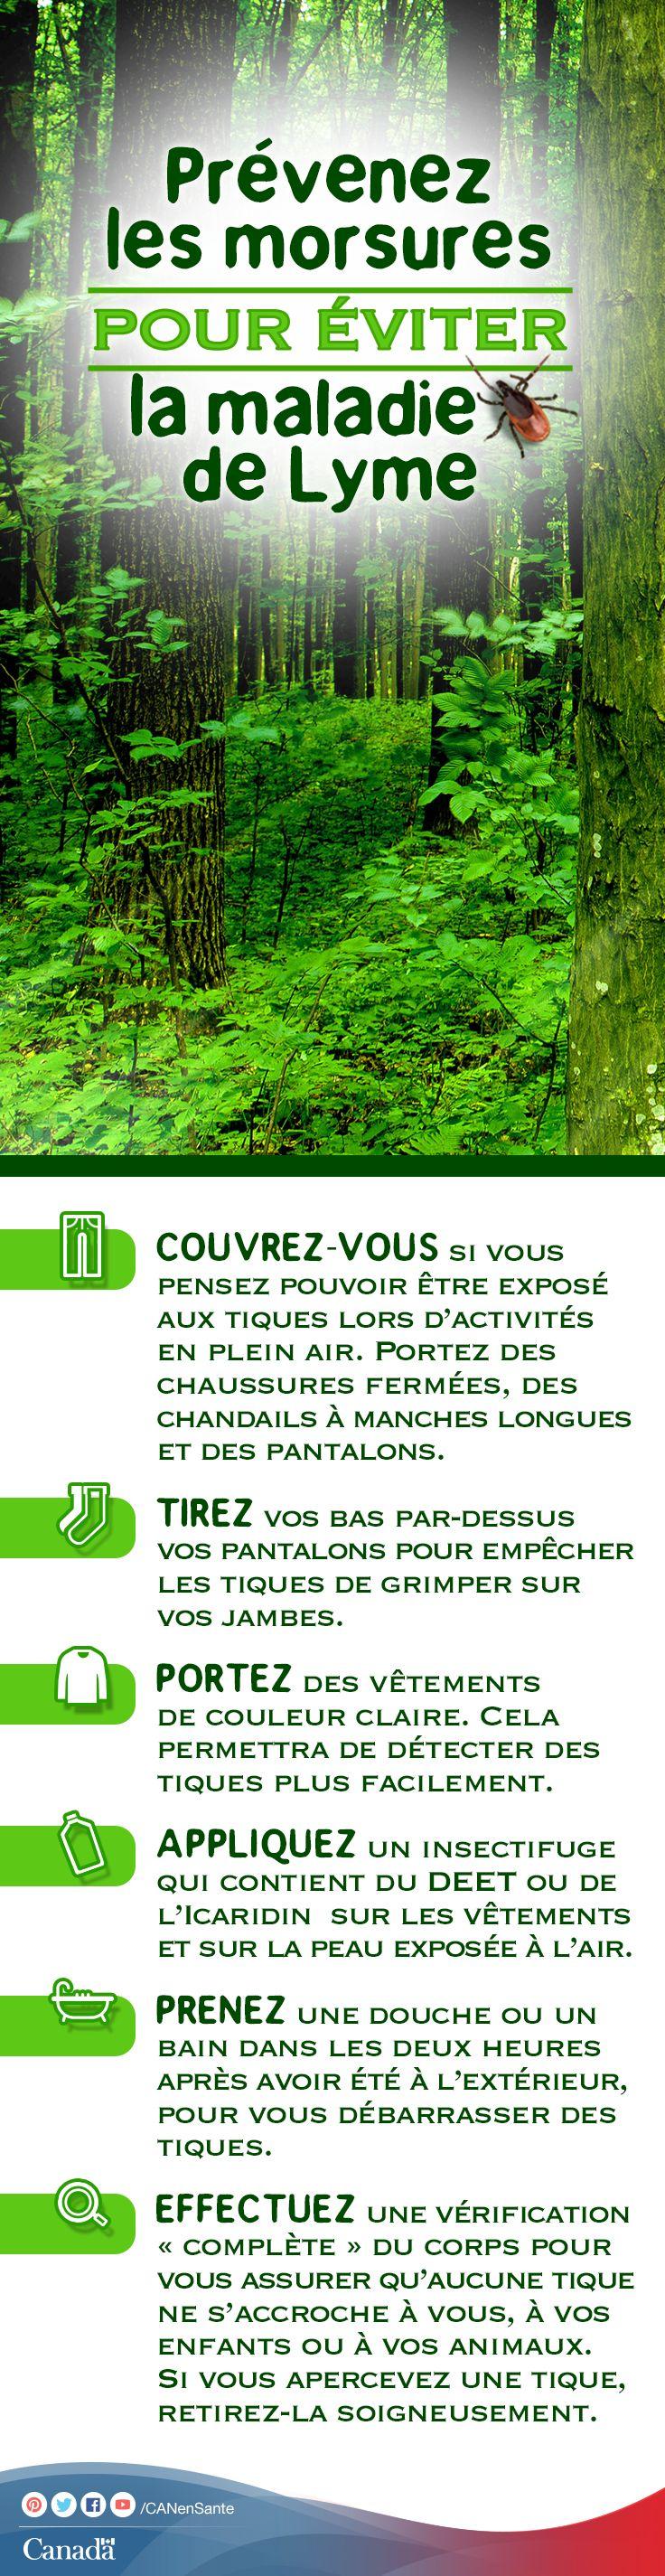 Apprenez-en plus sur les tiques et la maladie de Lyme:  http://www.canadiensensante.gc.ca/health-sante/disease-maladie/lyme-fra.php?_ga=1.89176991.525080773.1393857104&utm_source=pinterest_hcdns&utm_medium=social&utm_content=June5_lyme_FR&utm_campaign=social_media_14